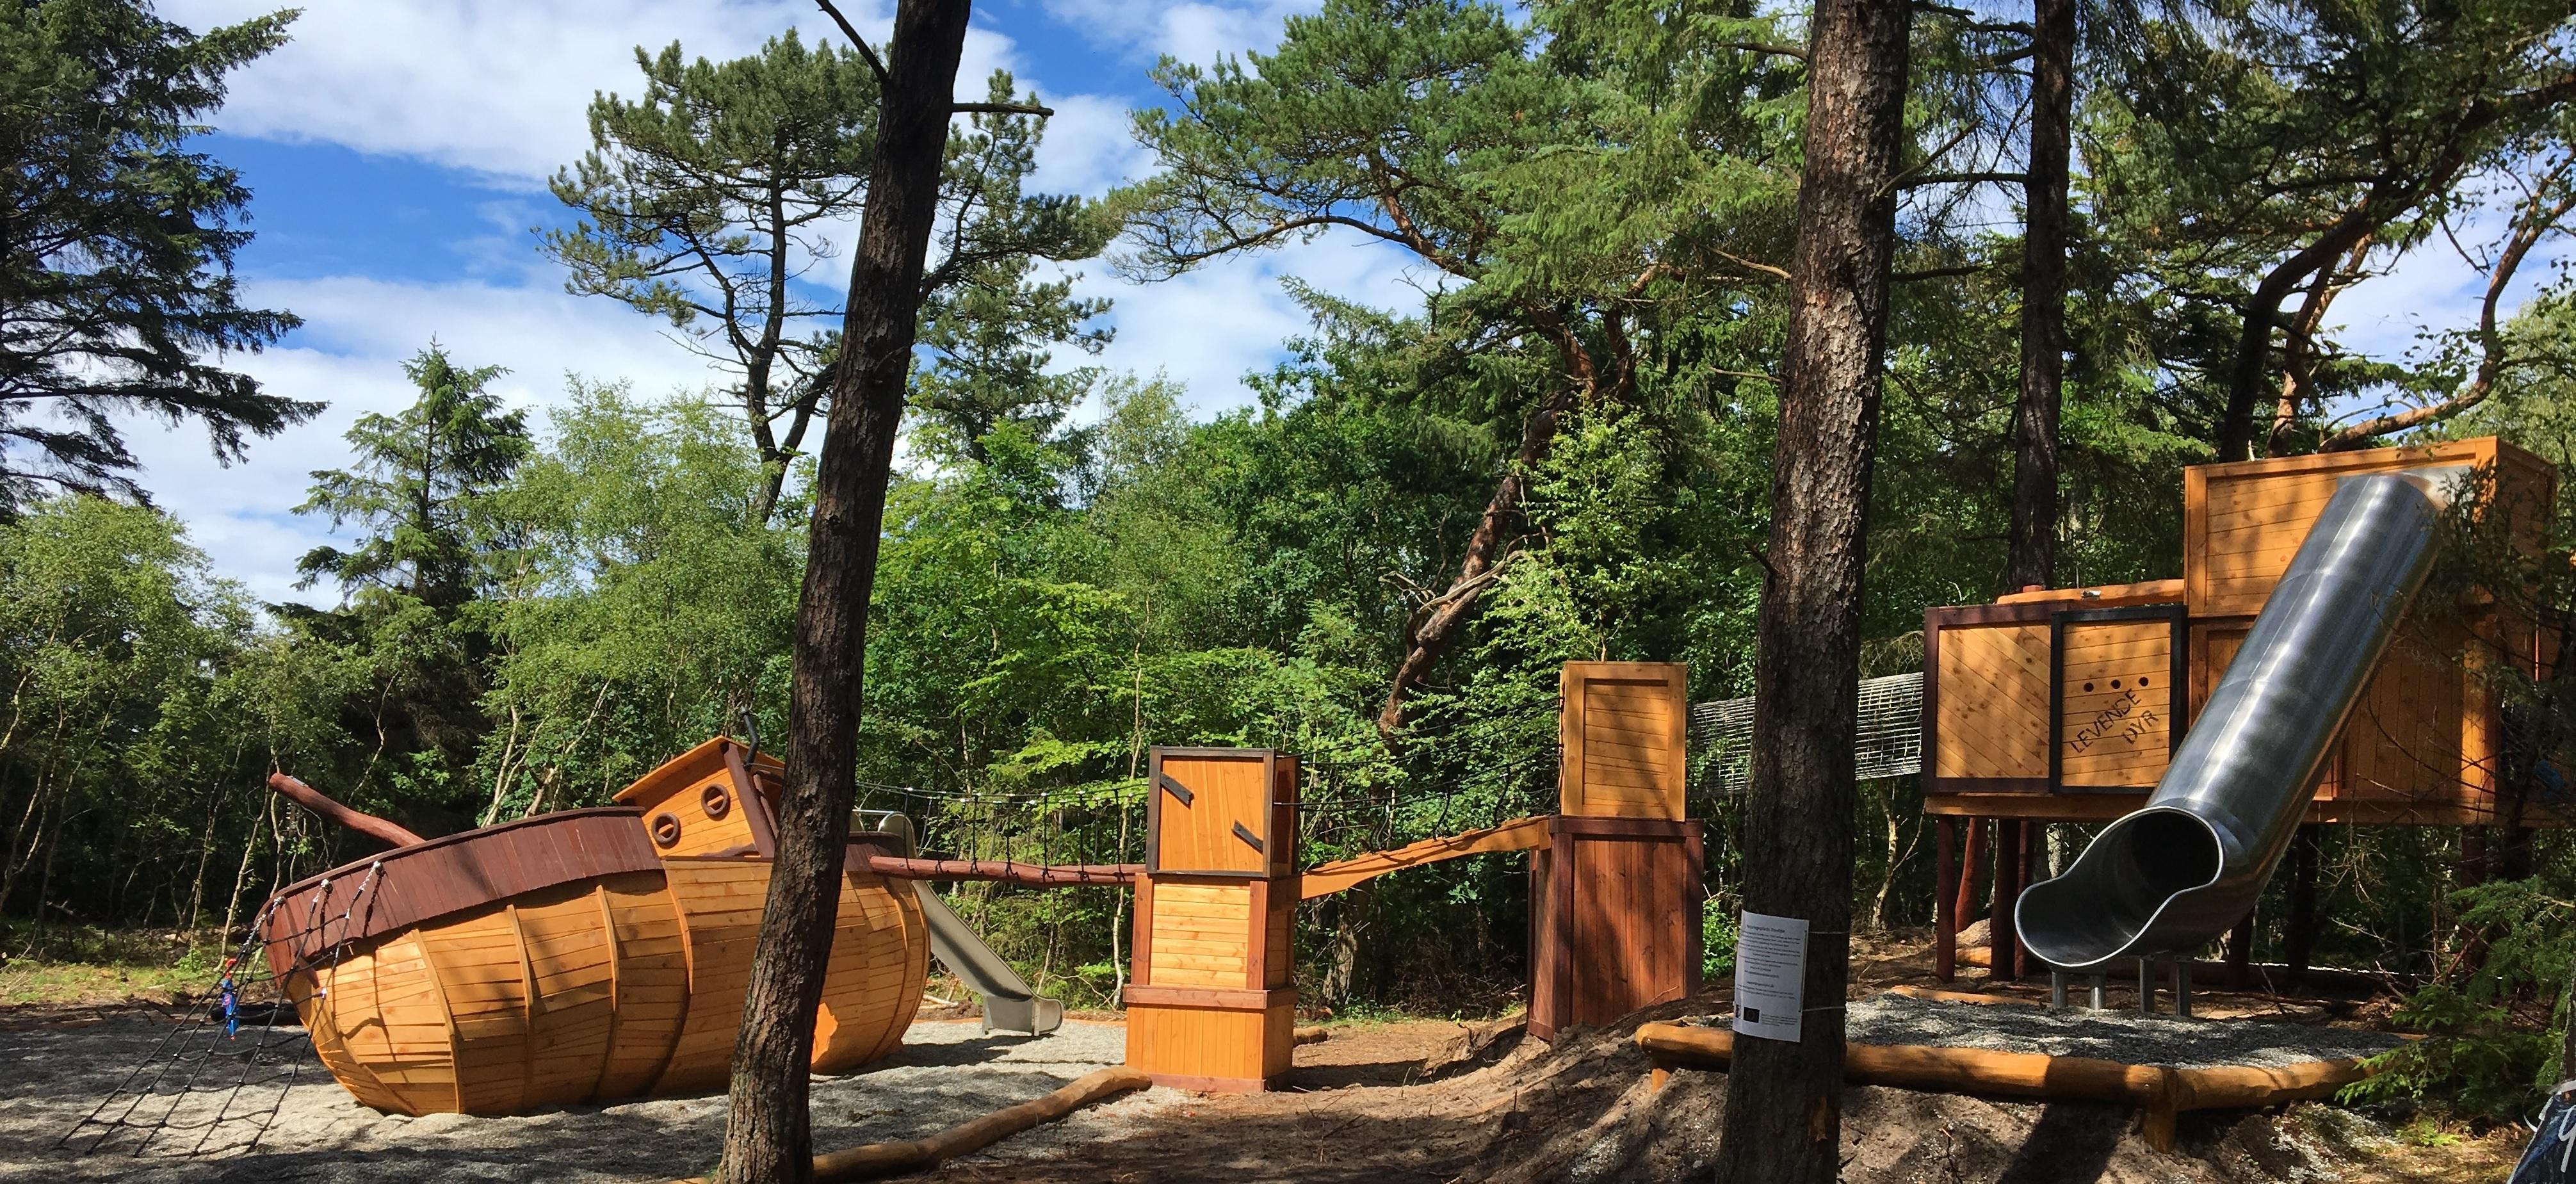 Naturlegeplads med flotte naturlegepadsudstyr - legeplads i skov